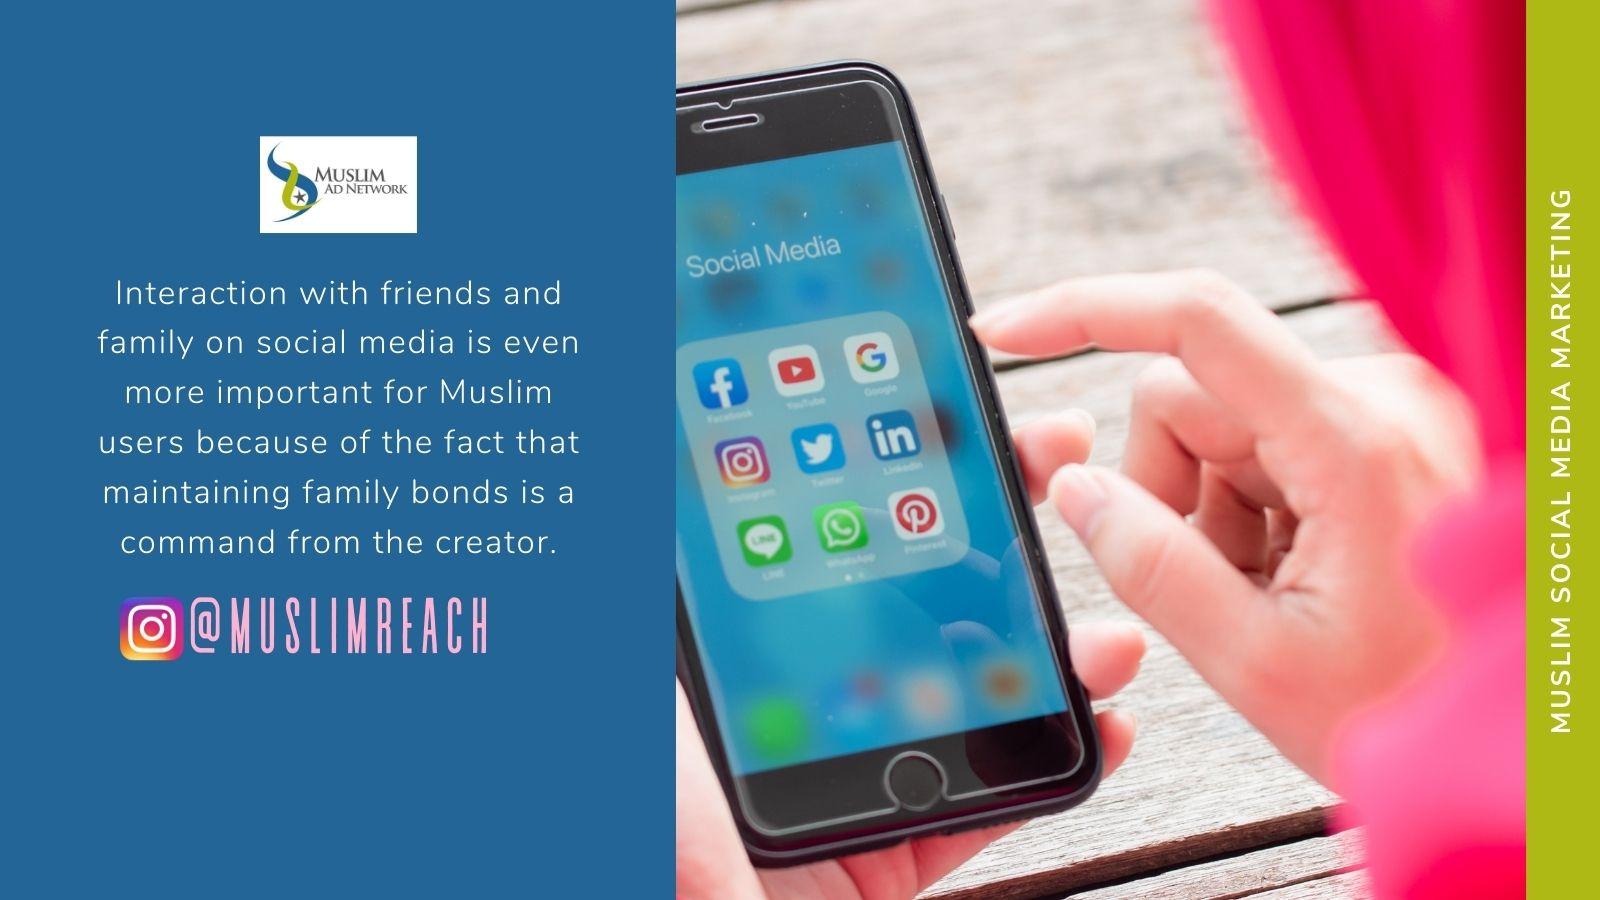 social media marketing to Muslims